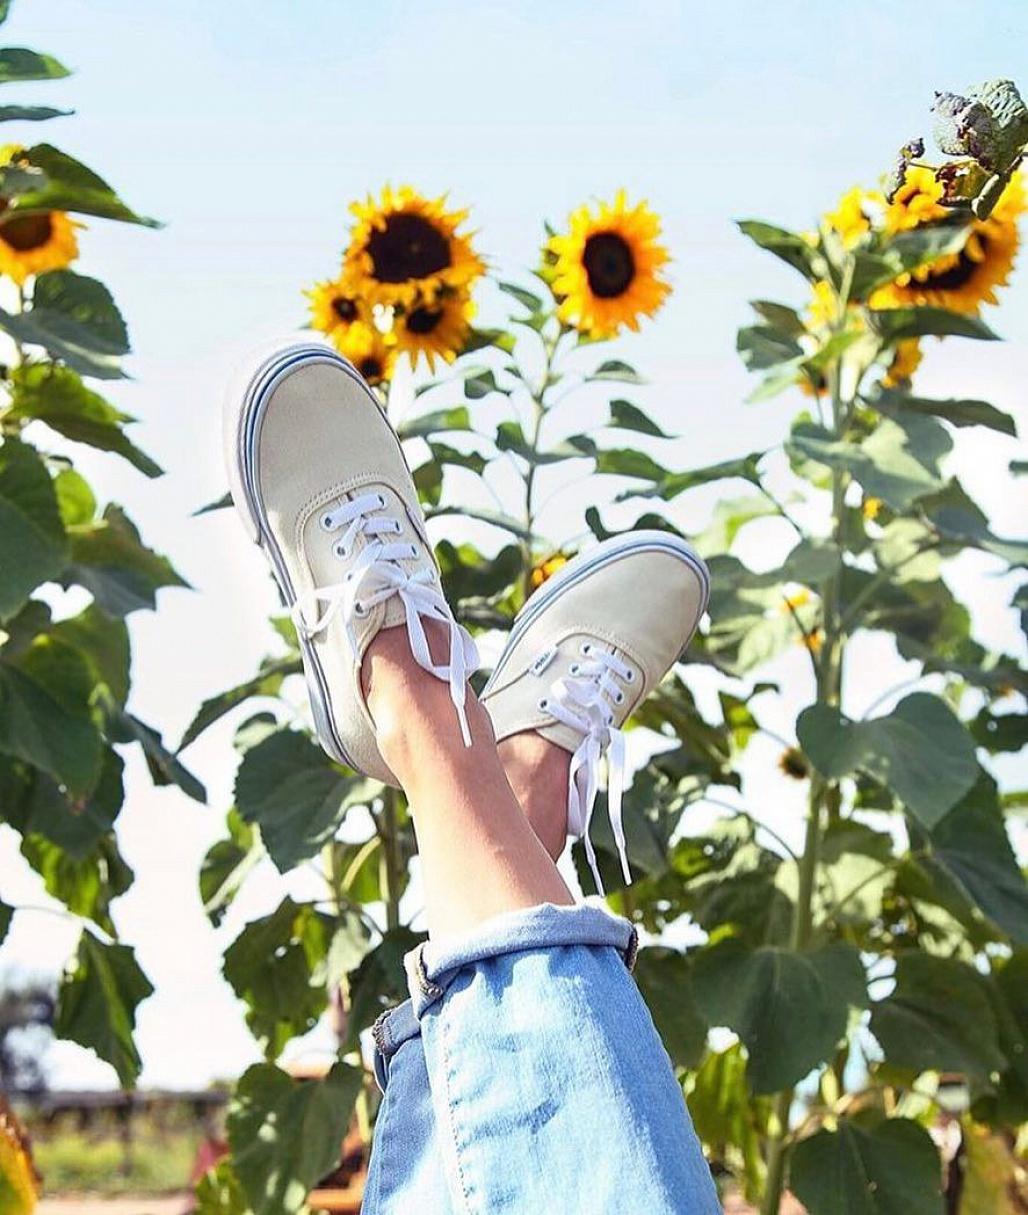 kiểu giày sneakers kinh điển nhất 14